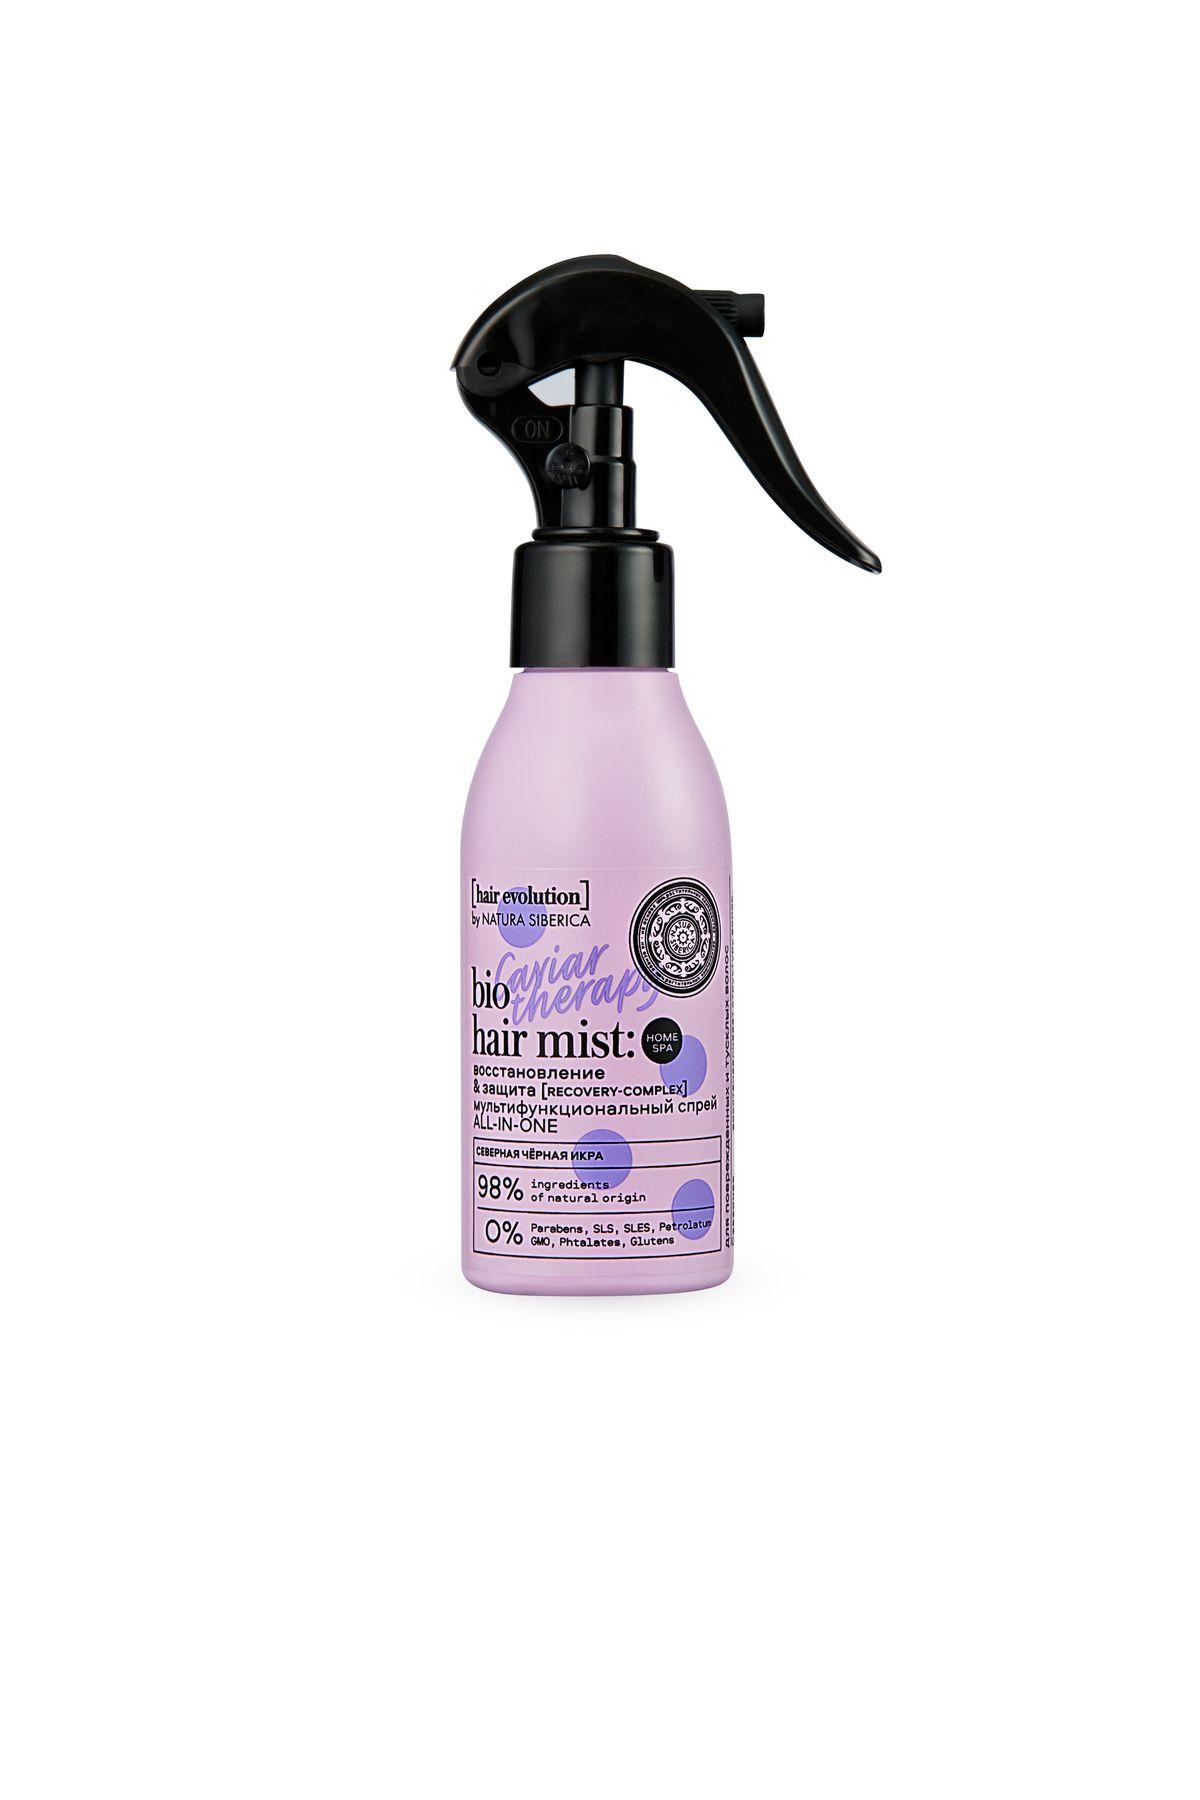 Купить Natura Siberica Hair Evolution Мультифункциональный спрей- кондиционер для волос CAVIAR THERAPY. Восстановление &Защита , 120 мл (shop: Organic-shops Organic shops)